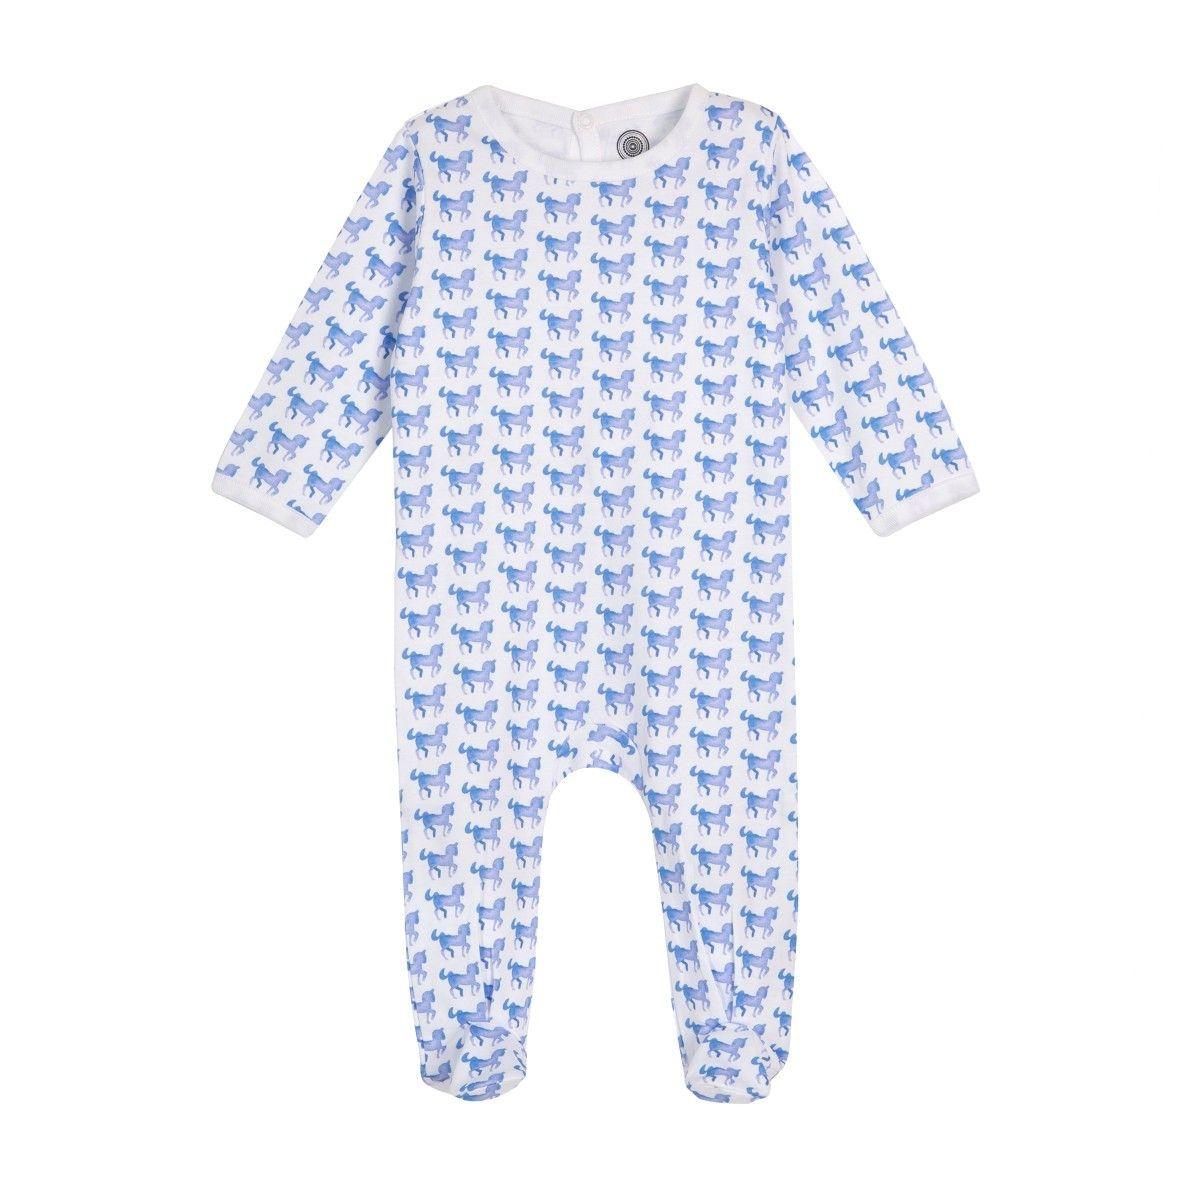 Pyjama bébé en coton bio - Imprimé Cheval